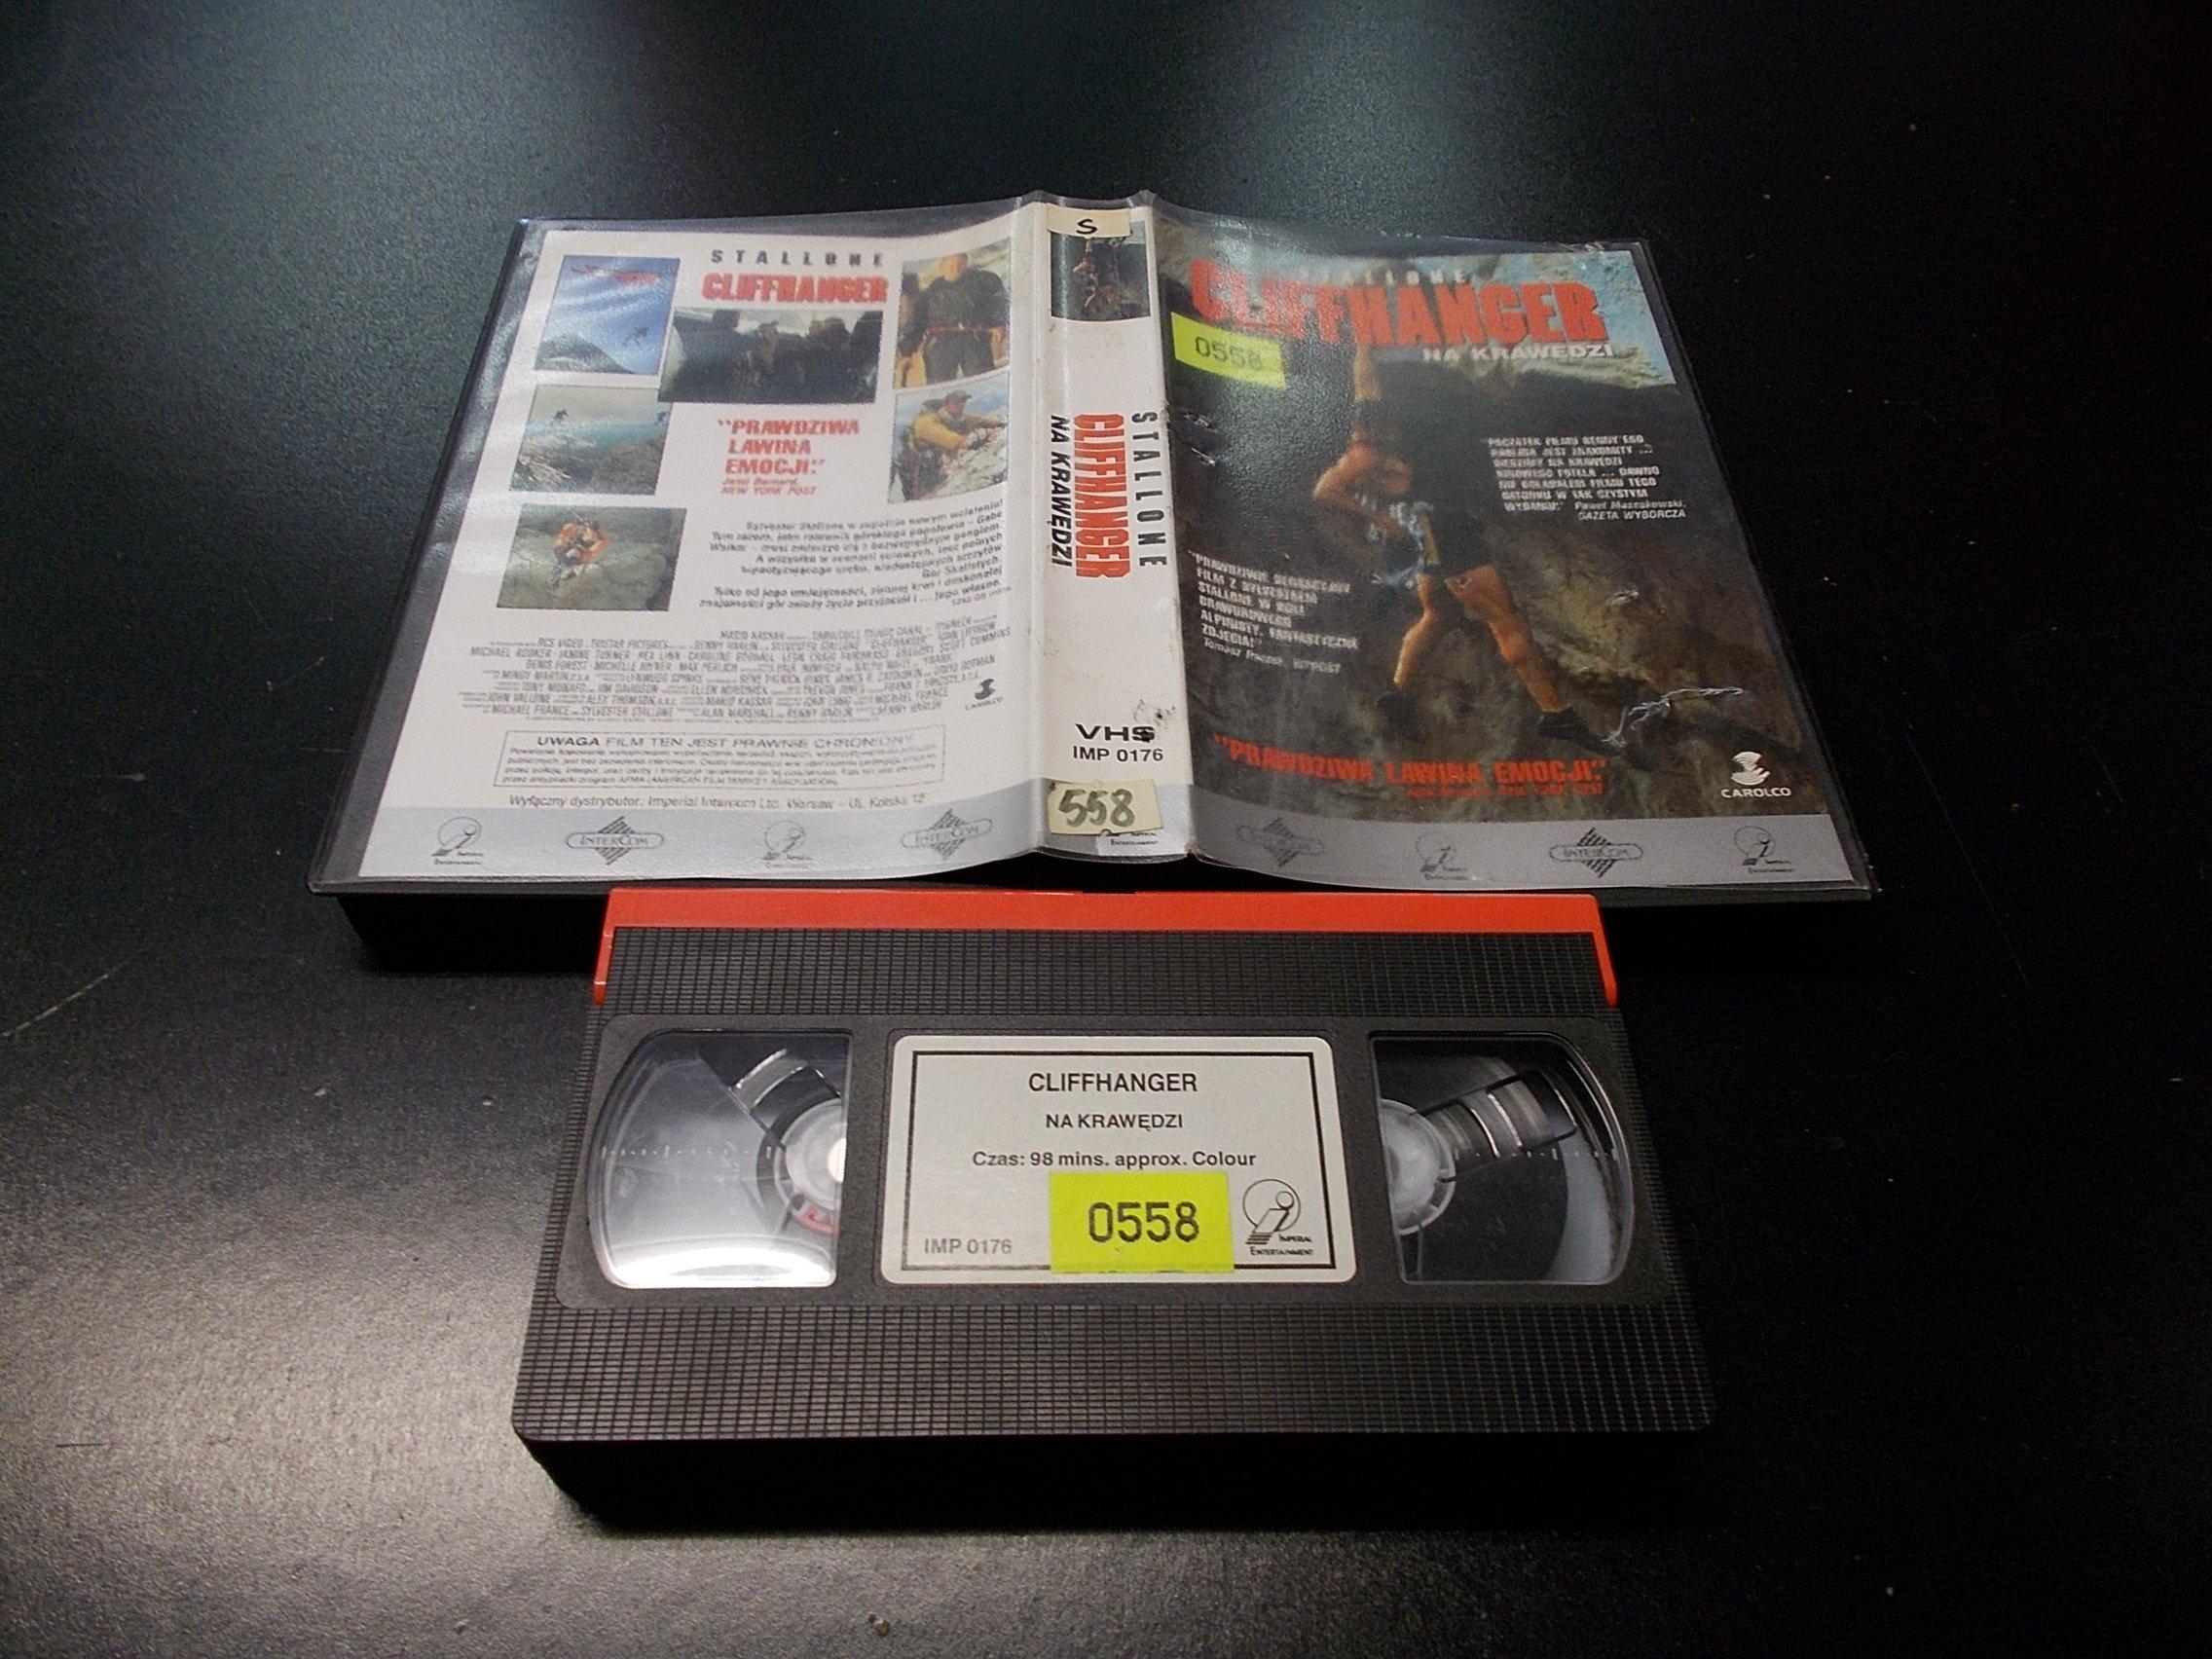 NA KRAWĘDZI - SYLVESTER STALLONE -  kaseta VHS - 1287 Opole - AlleOpole.pl